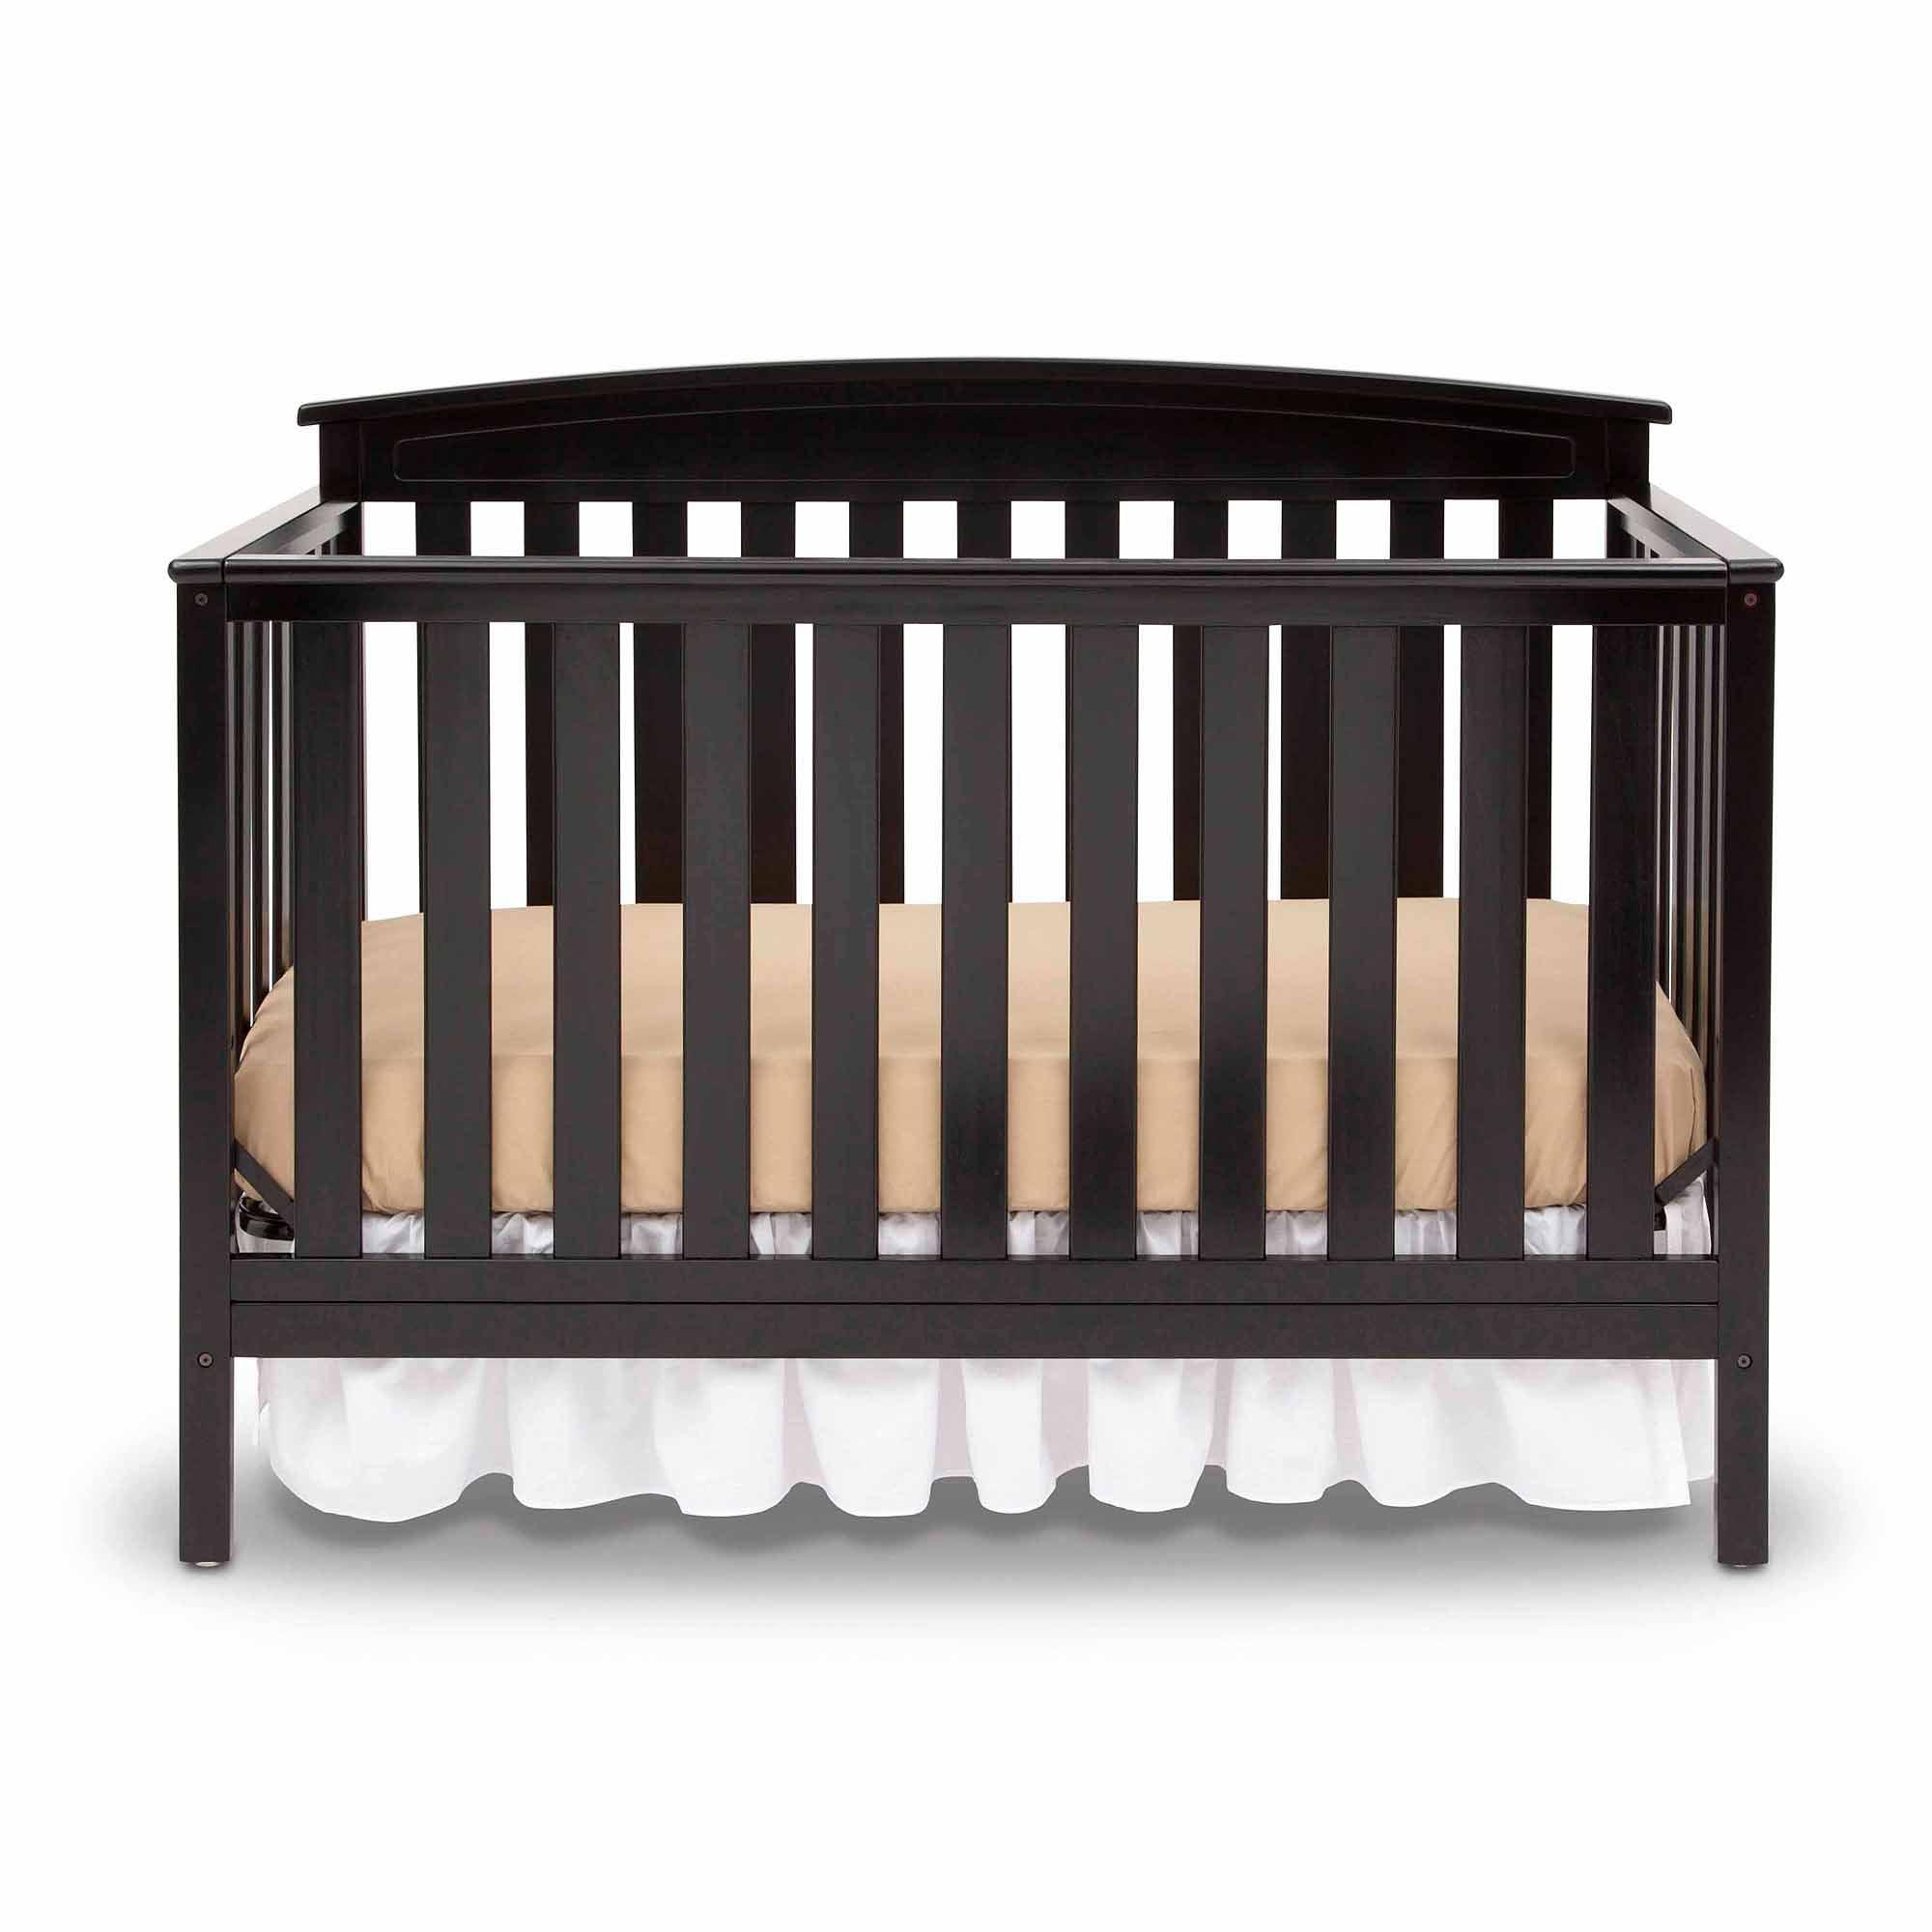 Delta Children Gateway 4-in-1 Convertible Crib, Black